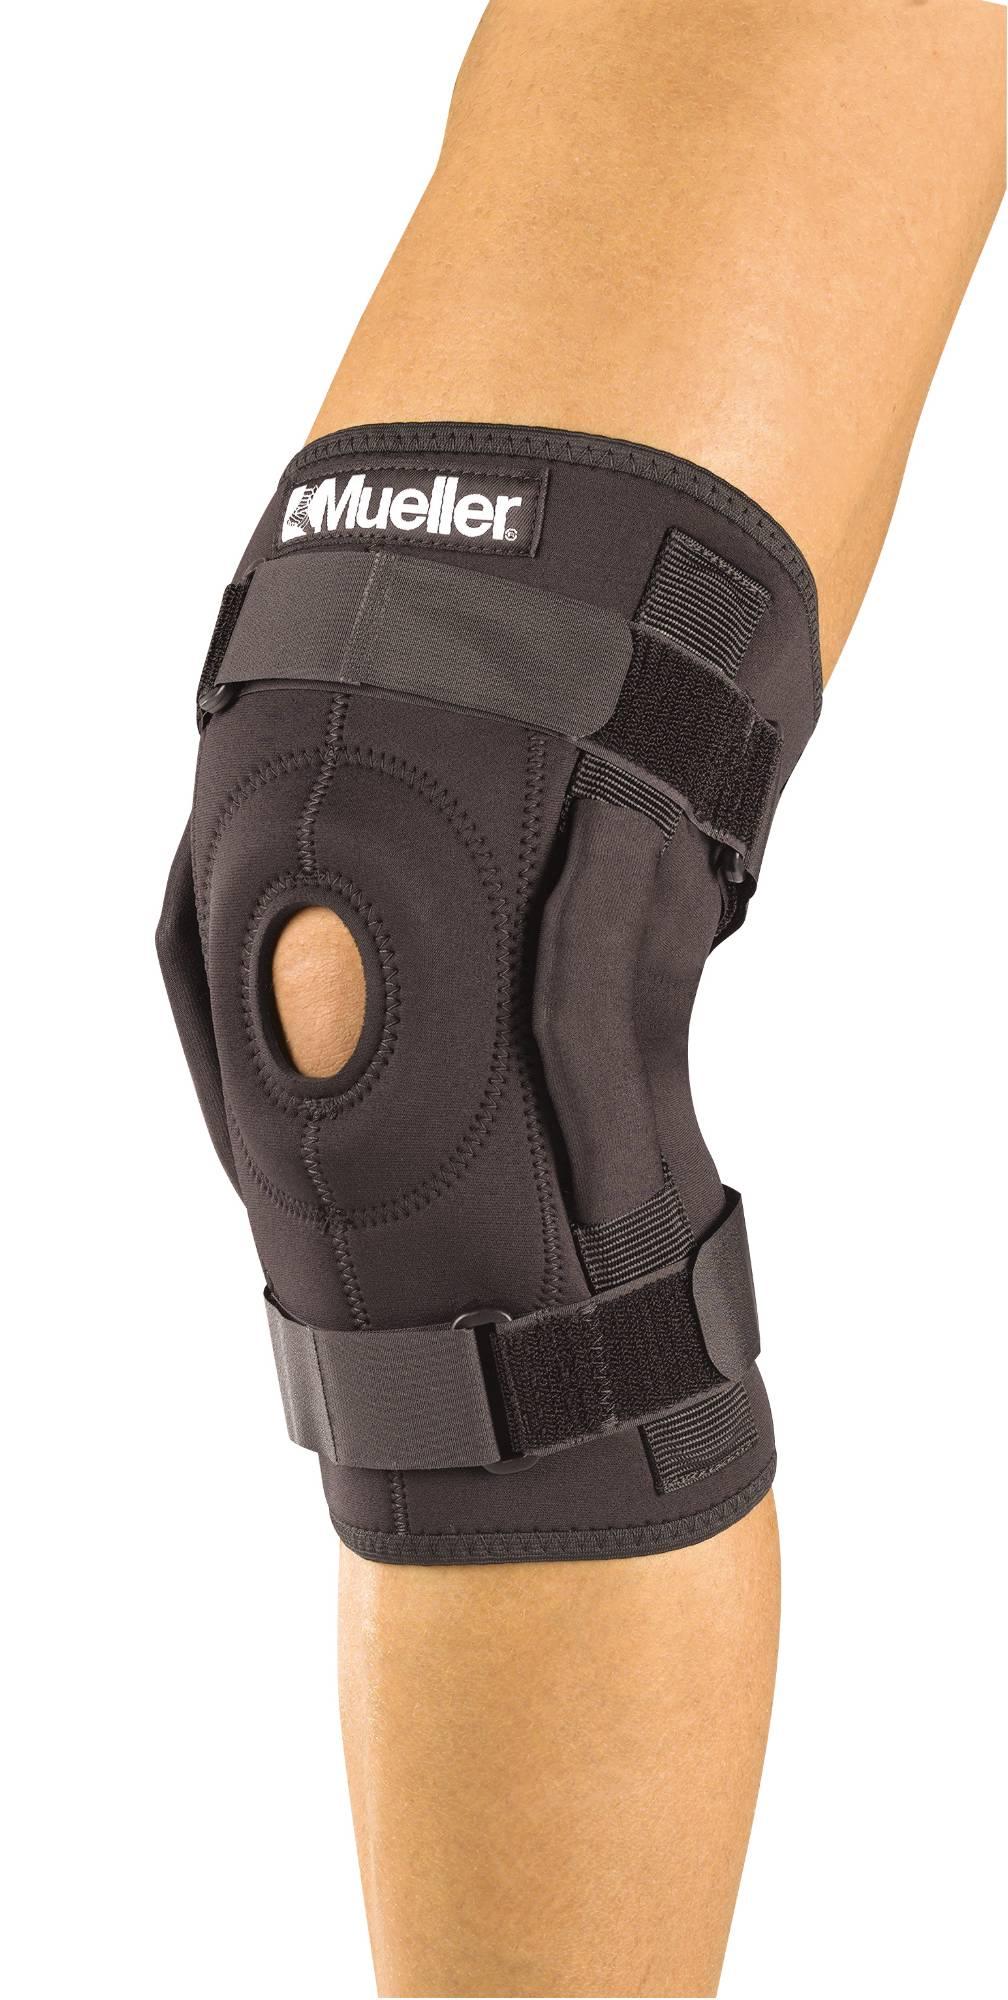 Код 3333 Шарнирный бандаж на колено, 1 шт., черный, REG, LG, XL